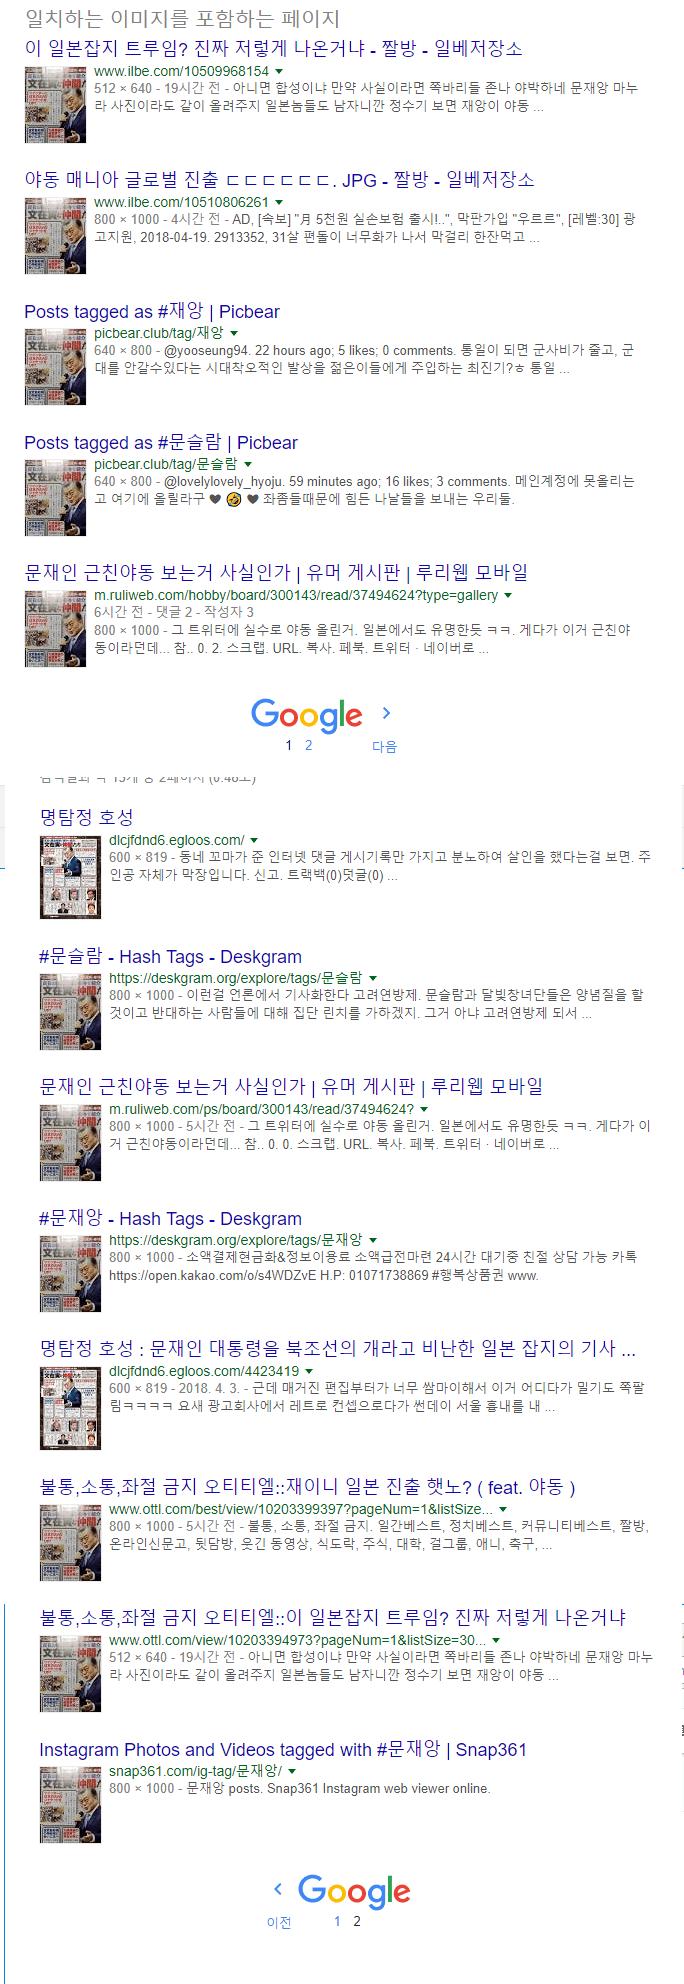 문재인 일본잡지 출처 - 정치/시사 - 에펨코리아